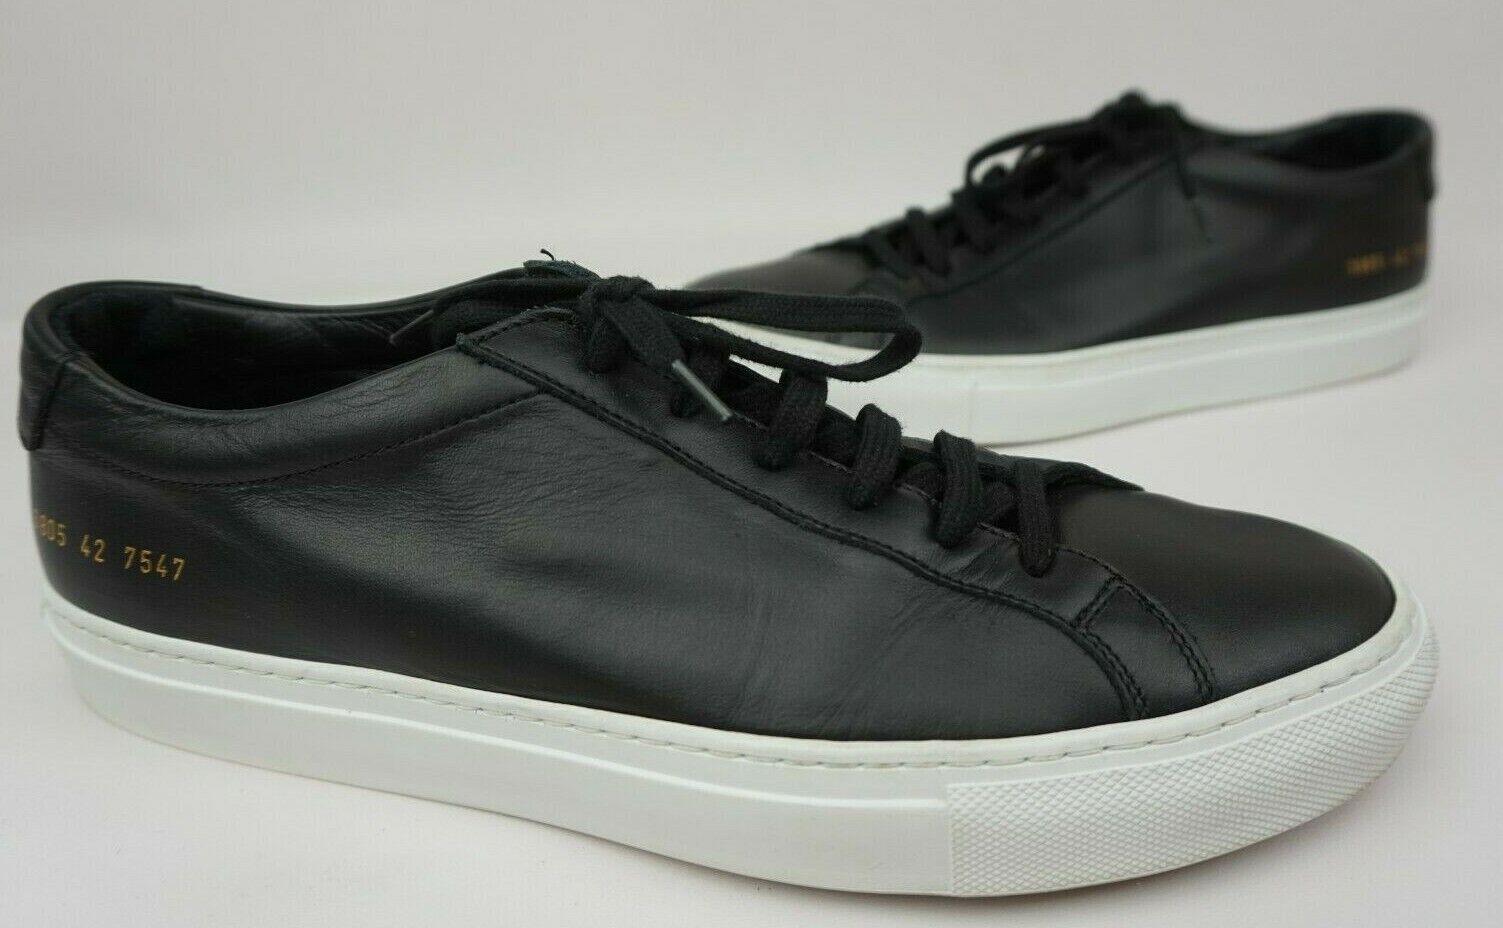 barato Mujer por proyectos comunes Original Original Original Aquiles Baja Zapatillas Zapatos Negro Tamaño 42 12  a la venta